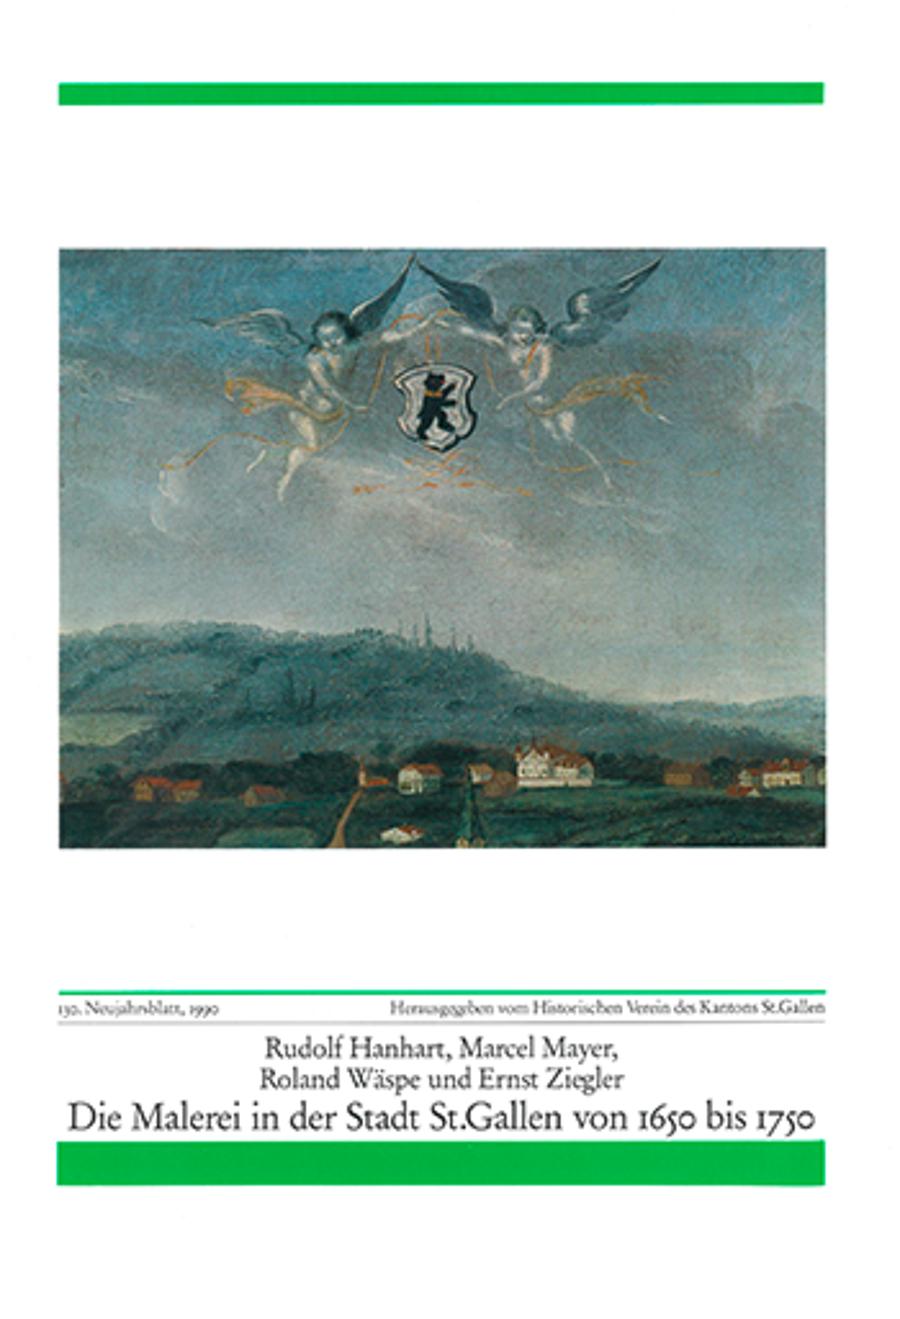 Die Malerei in der Stadt St. Gallen von 1650 bis 1750